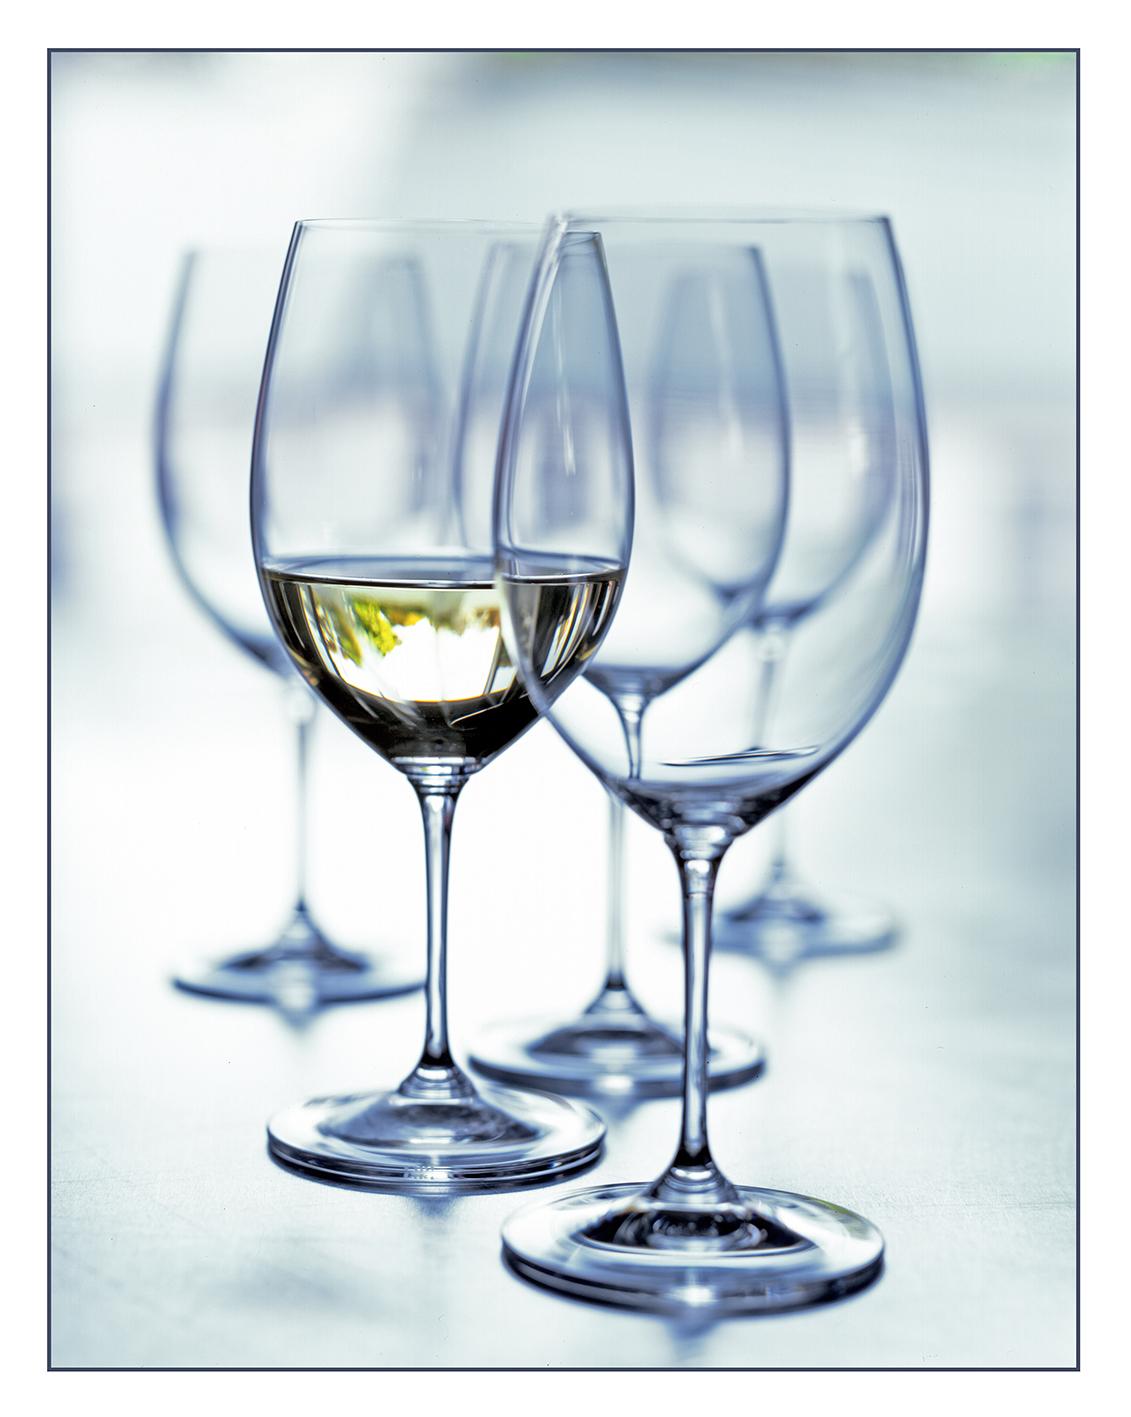 Wine-Glasses-Still-Life.jpg